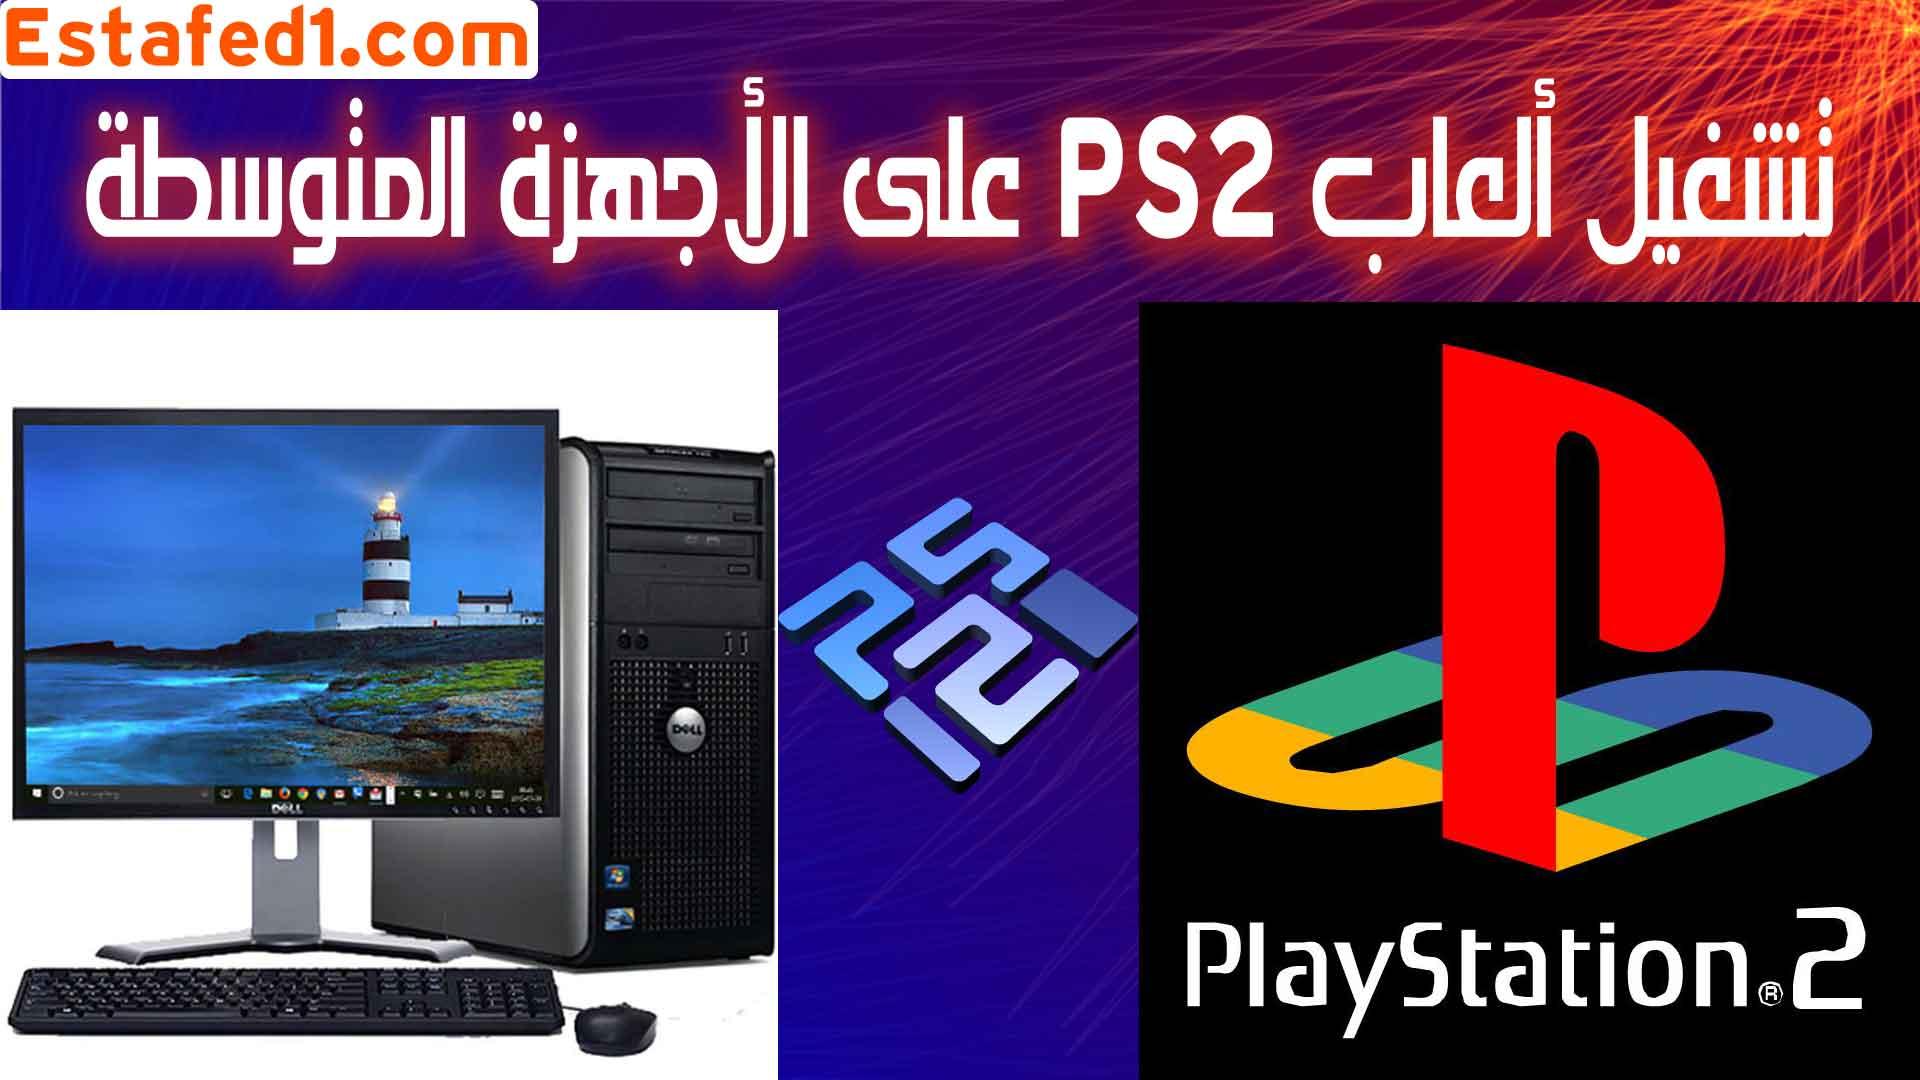 تشغيل ألعاب البلايستيشن Ps2 على الكمبيوترضبط أفضل الإعدادات